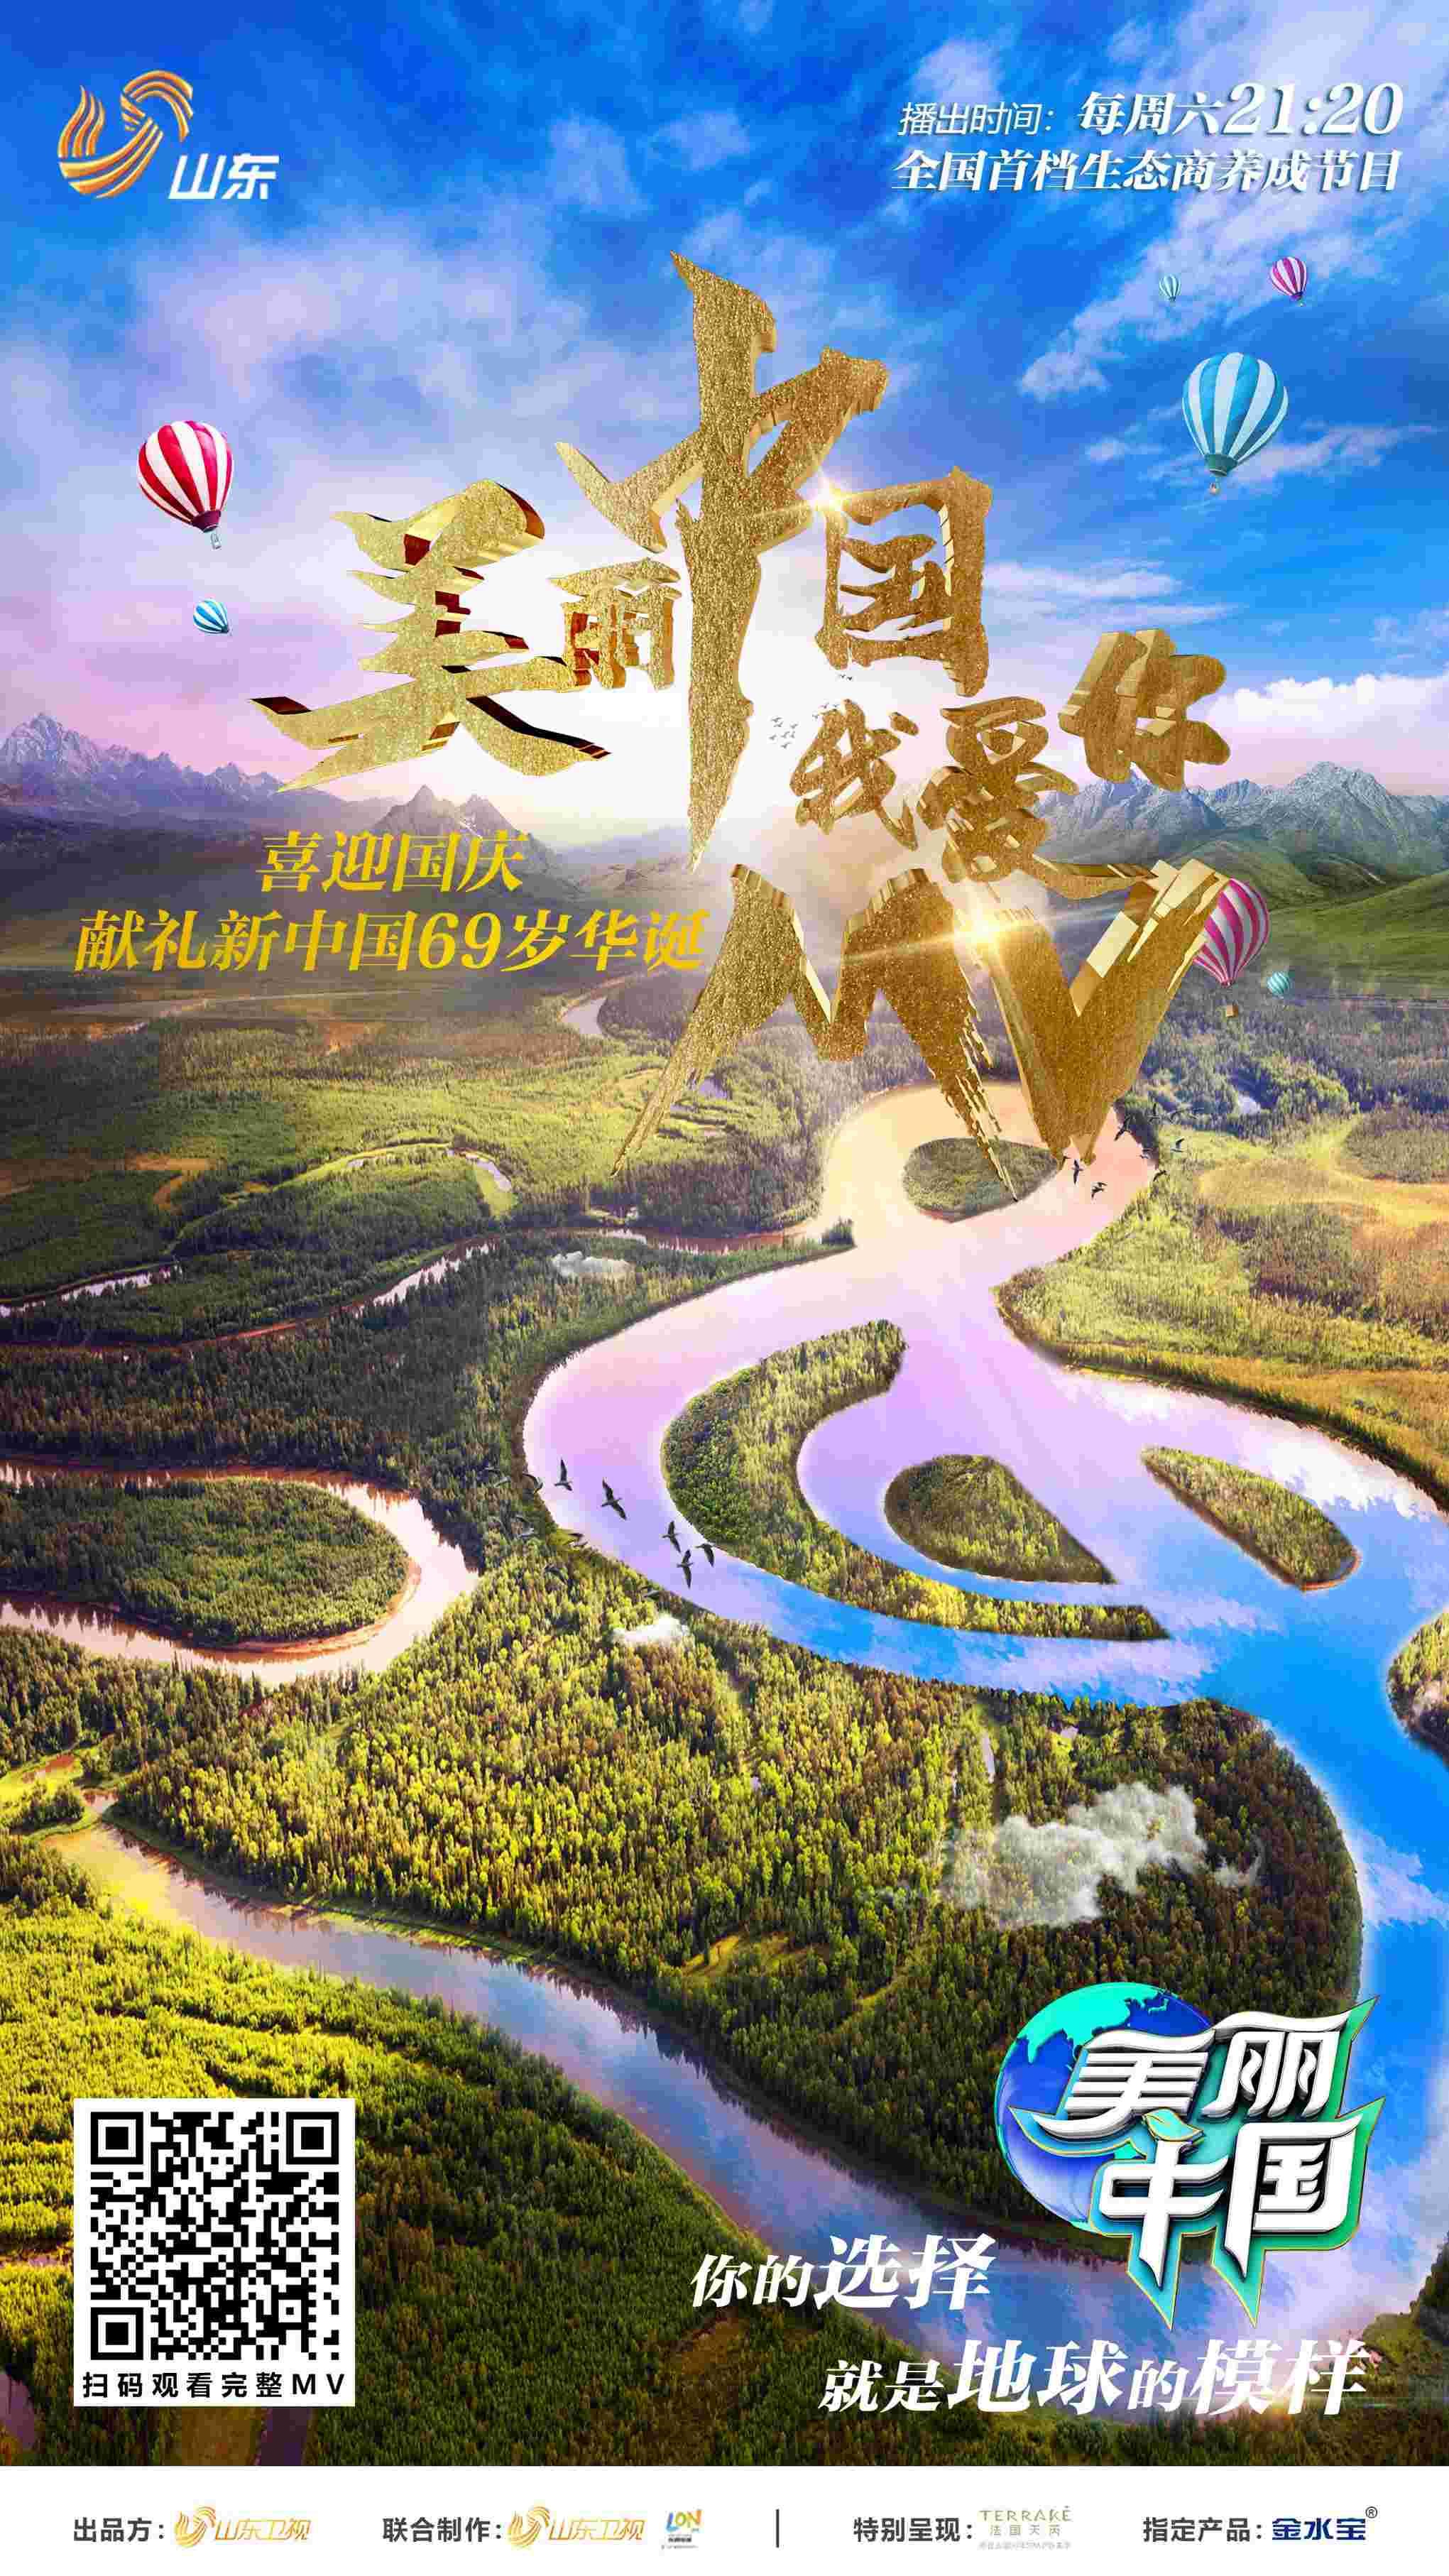 山东卫视《美丽中国》海报.jpg